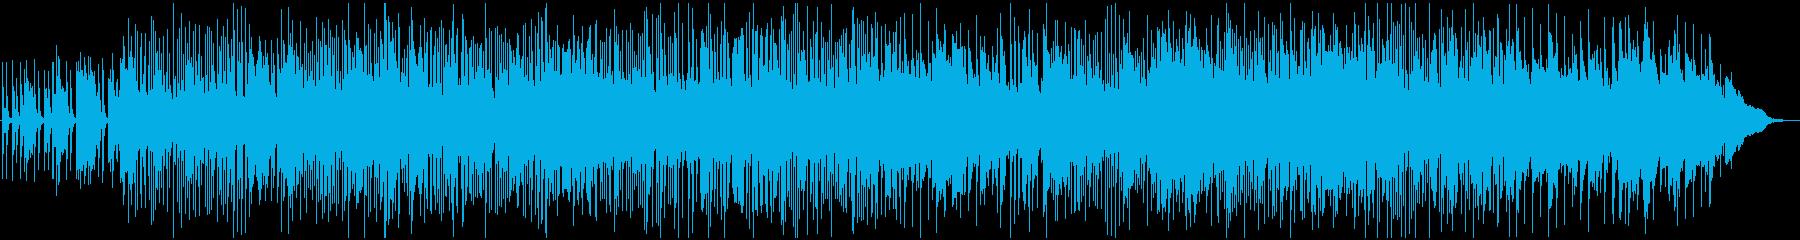 ピアノファンキーとスイング。の再生済みの波形